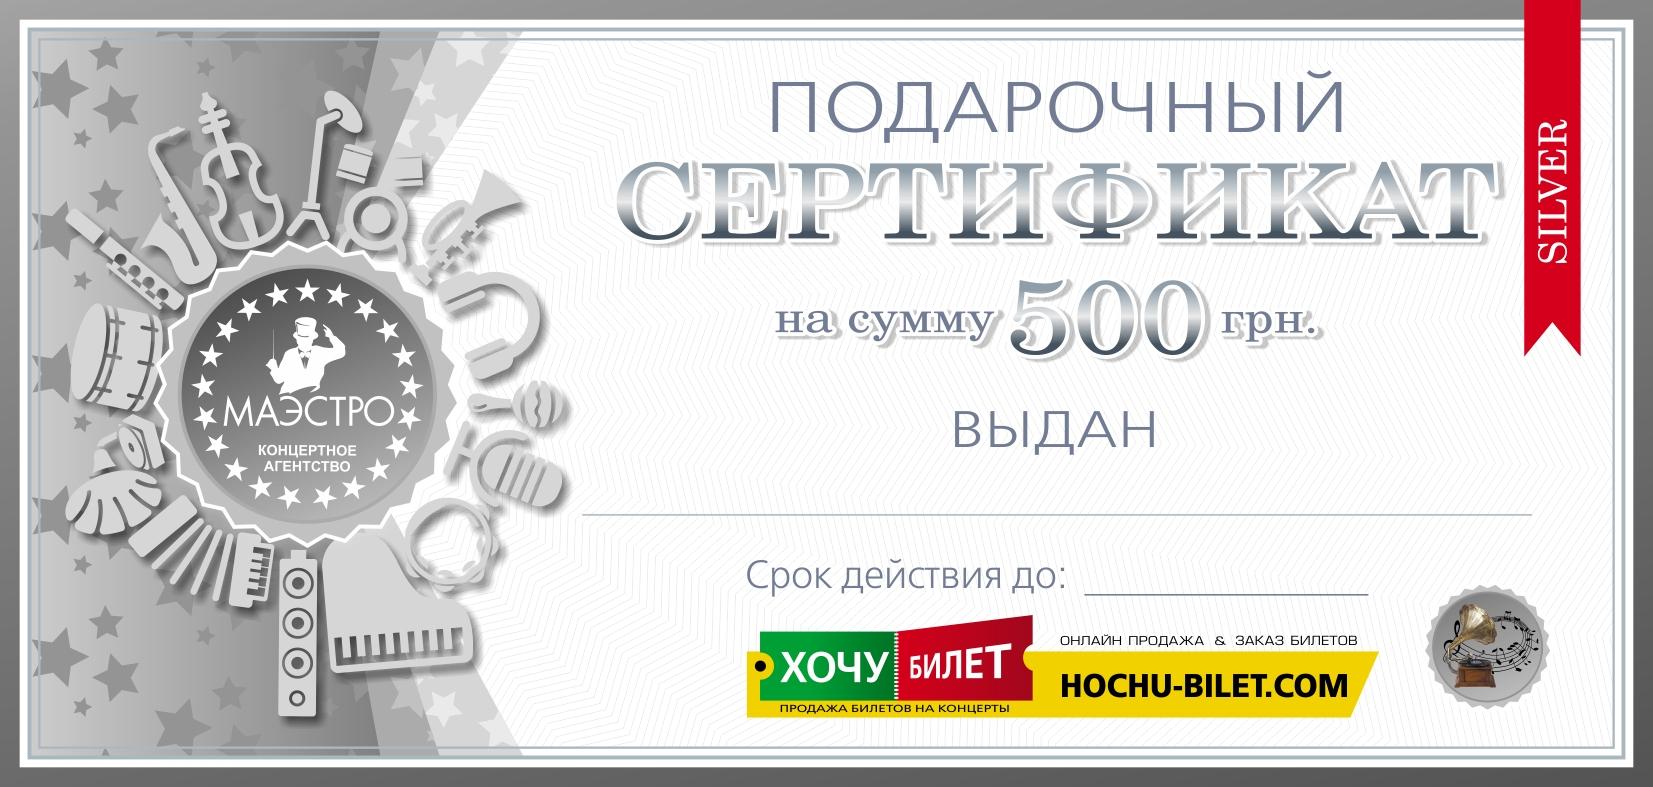 HB_certificate_03